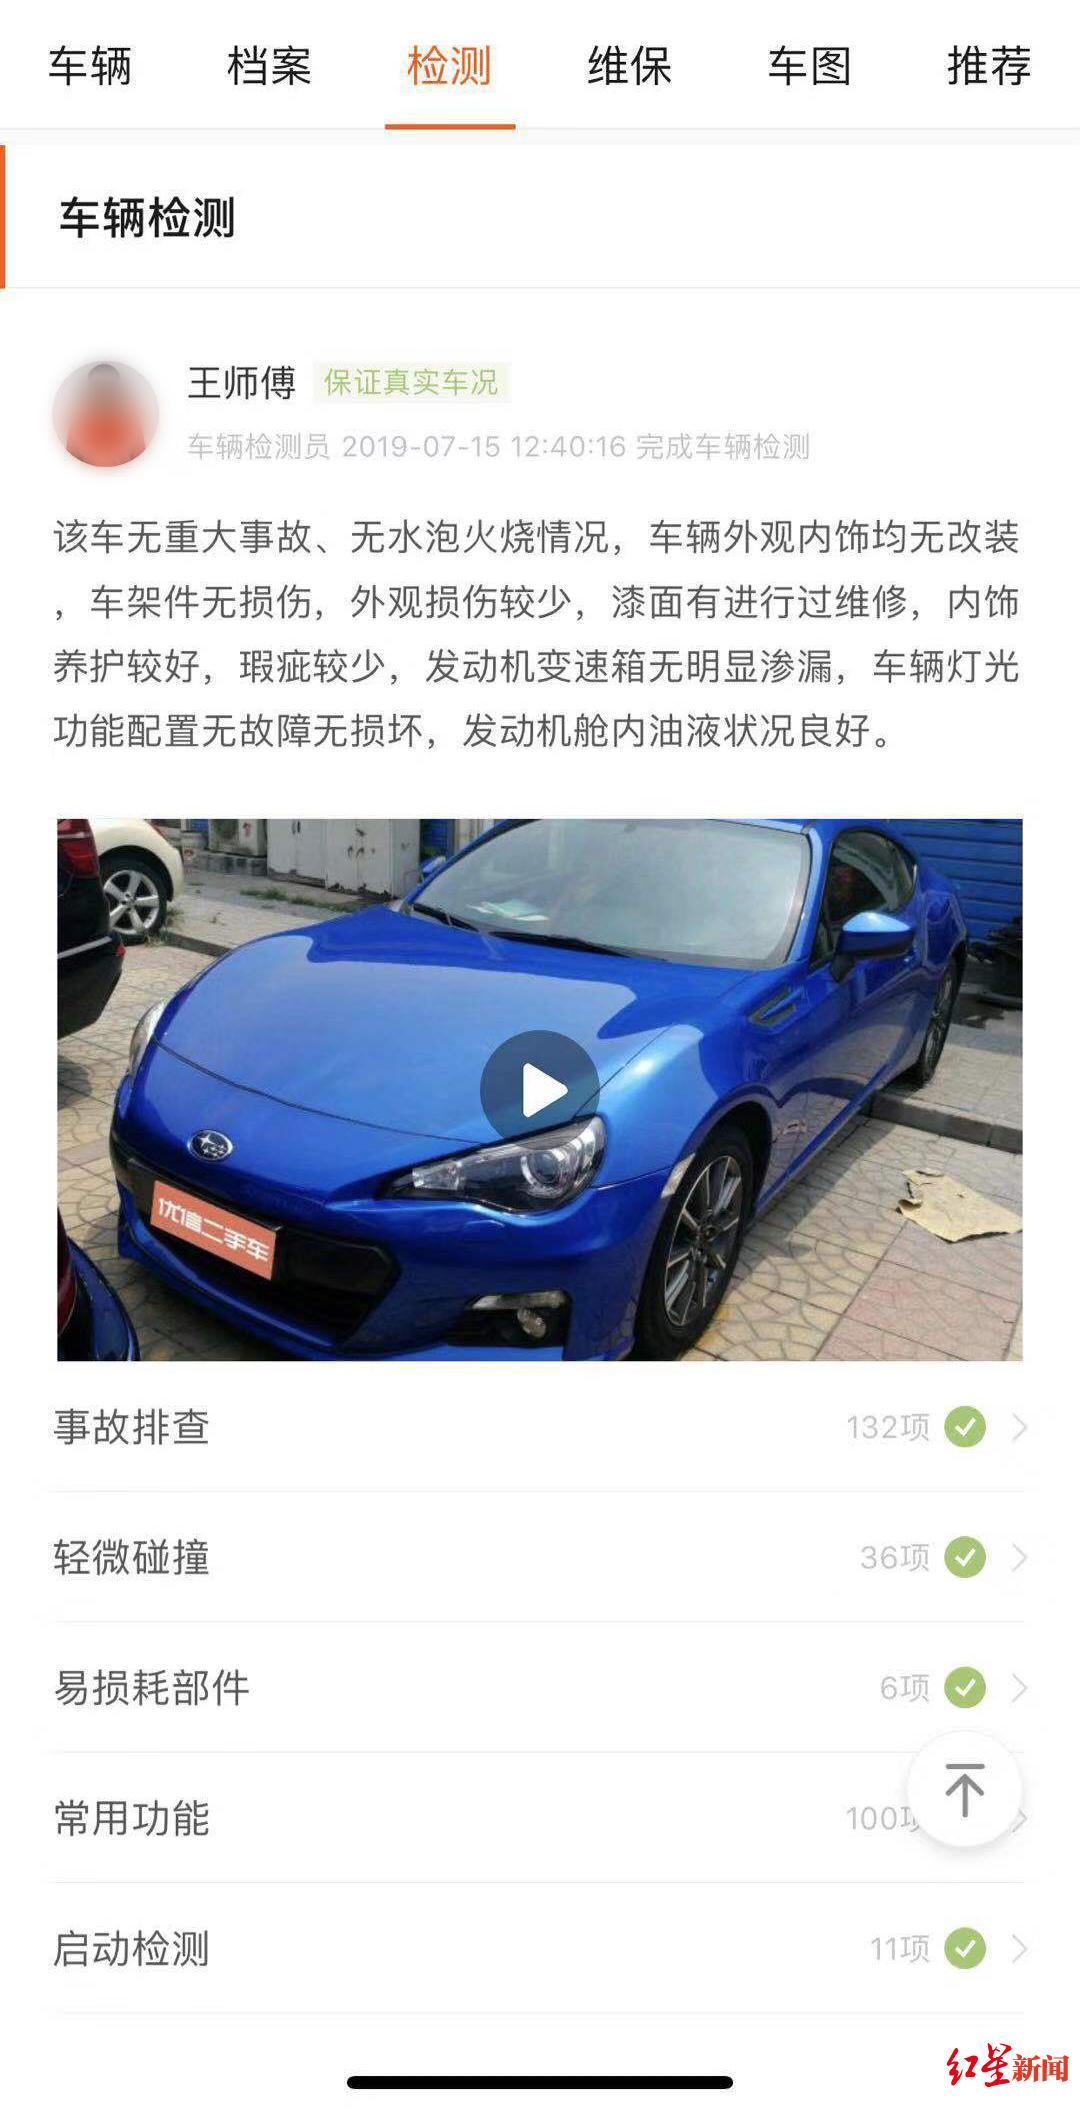 二手车平台关于该车的检测报告